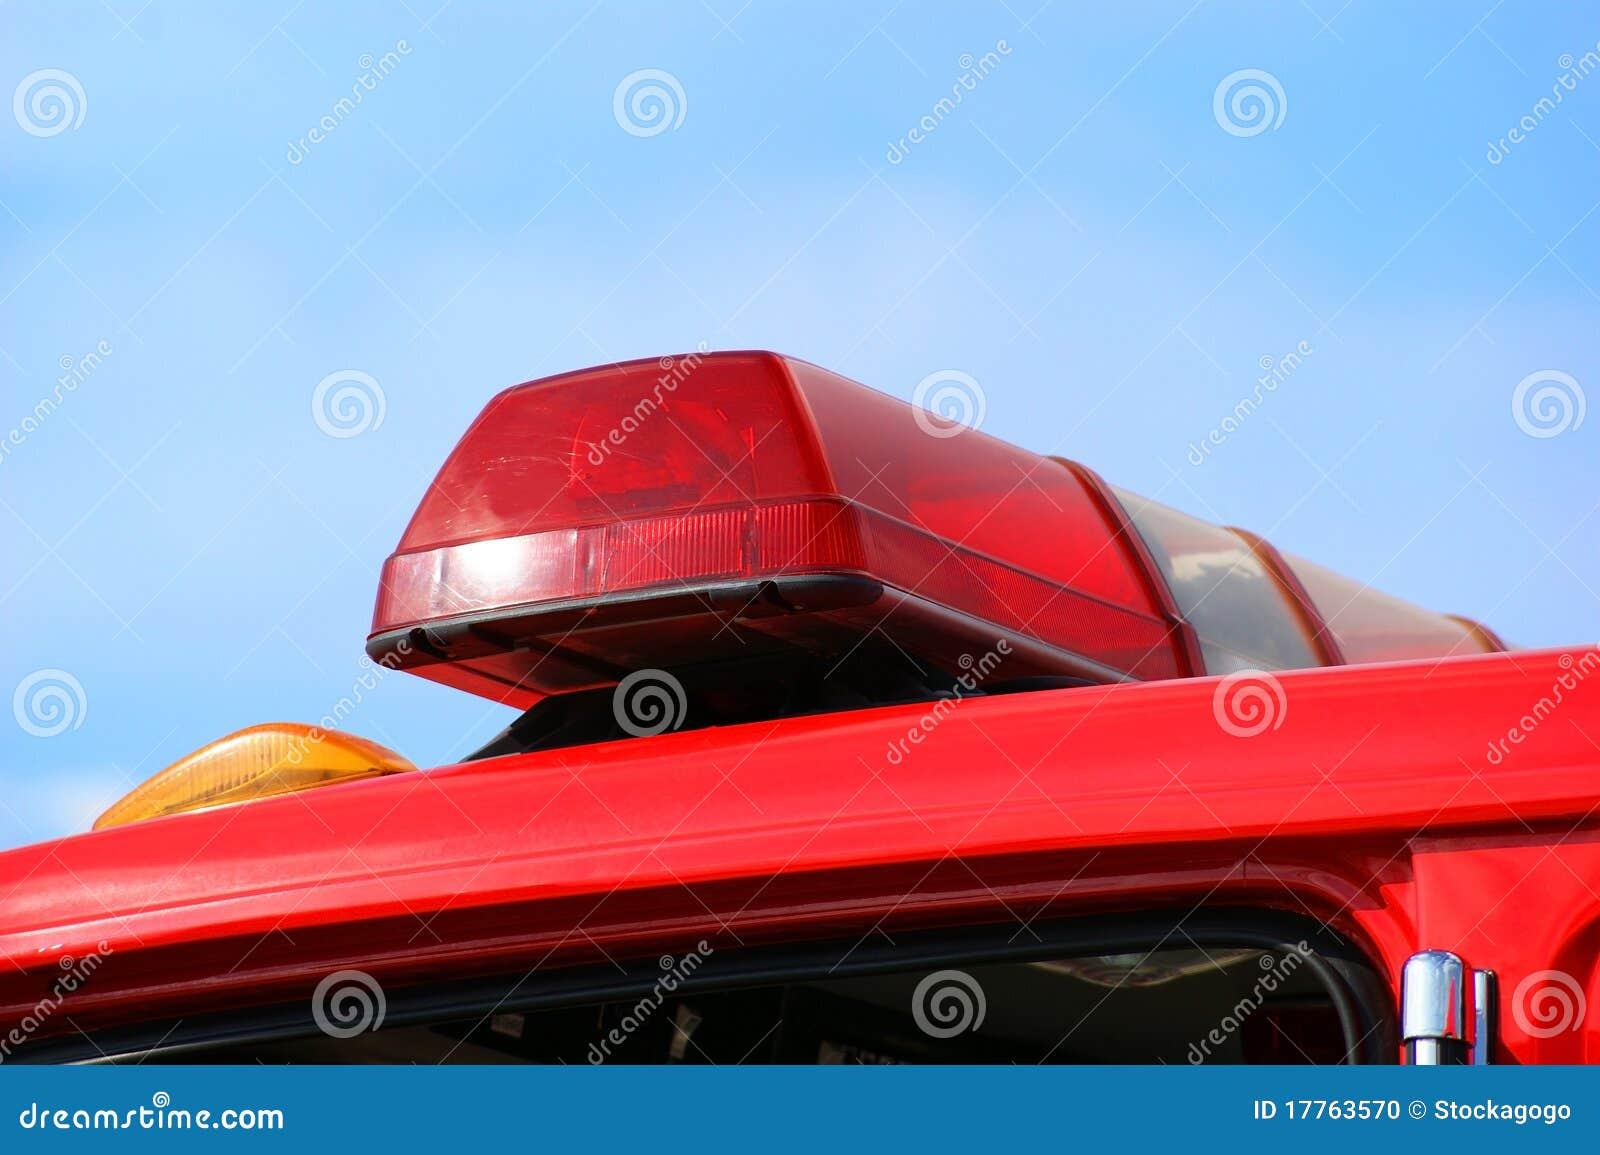 Löschfahrzeug-oder Krankenwagen-Leuchten